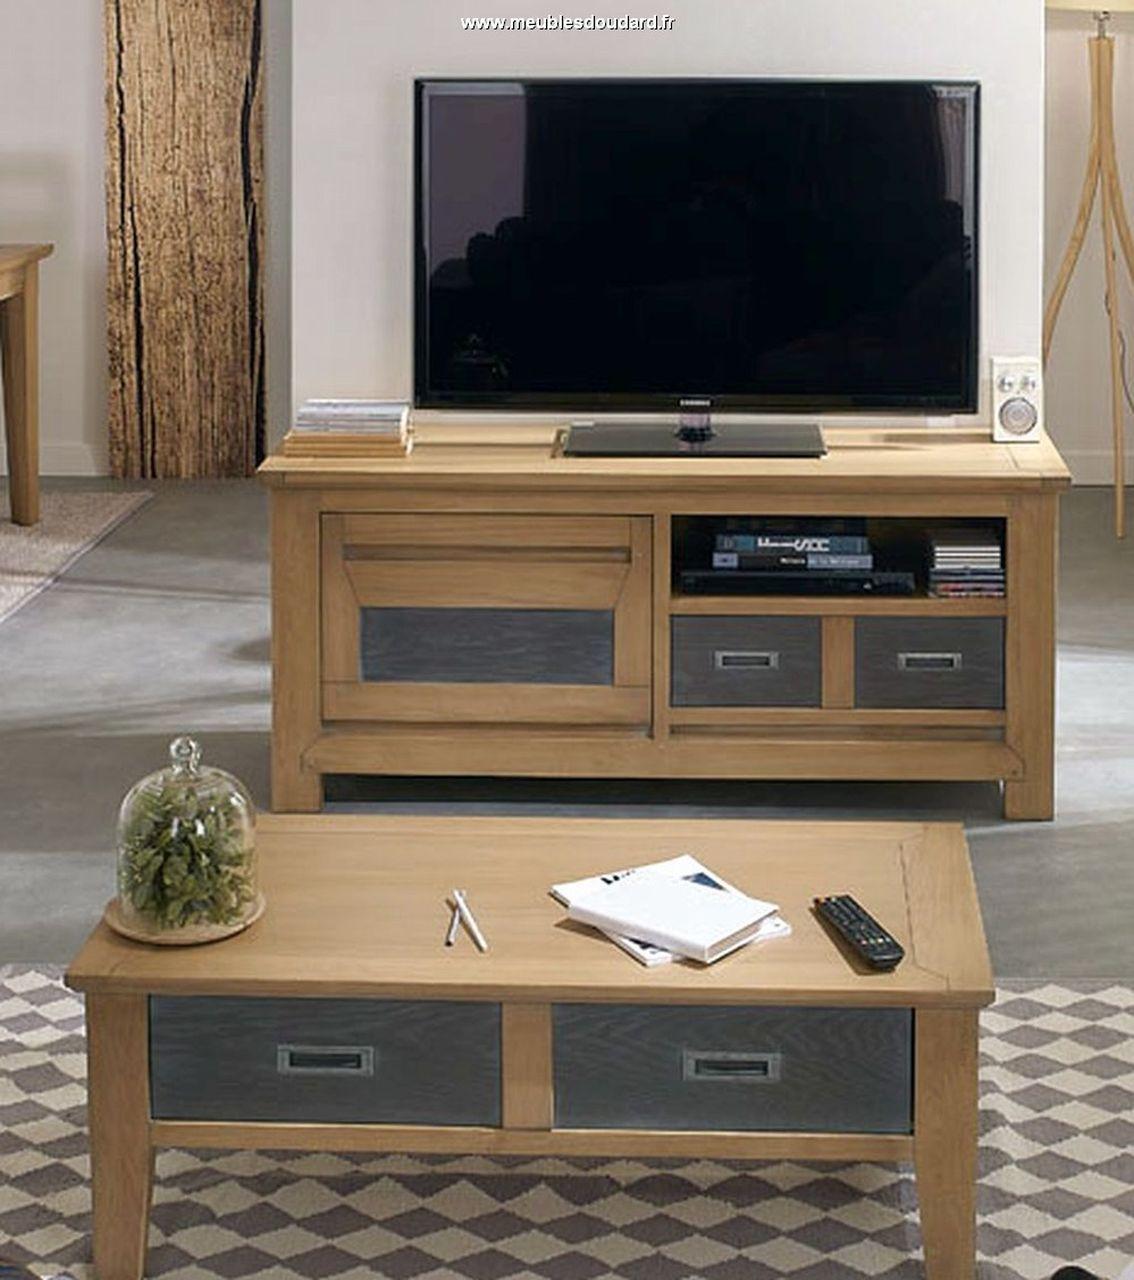 meuble tv meuble t l moderneen bois meuble de t l vision en bois massif. Black Bedroom Furniture Sets. Home Design Ideas